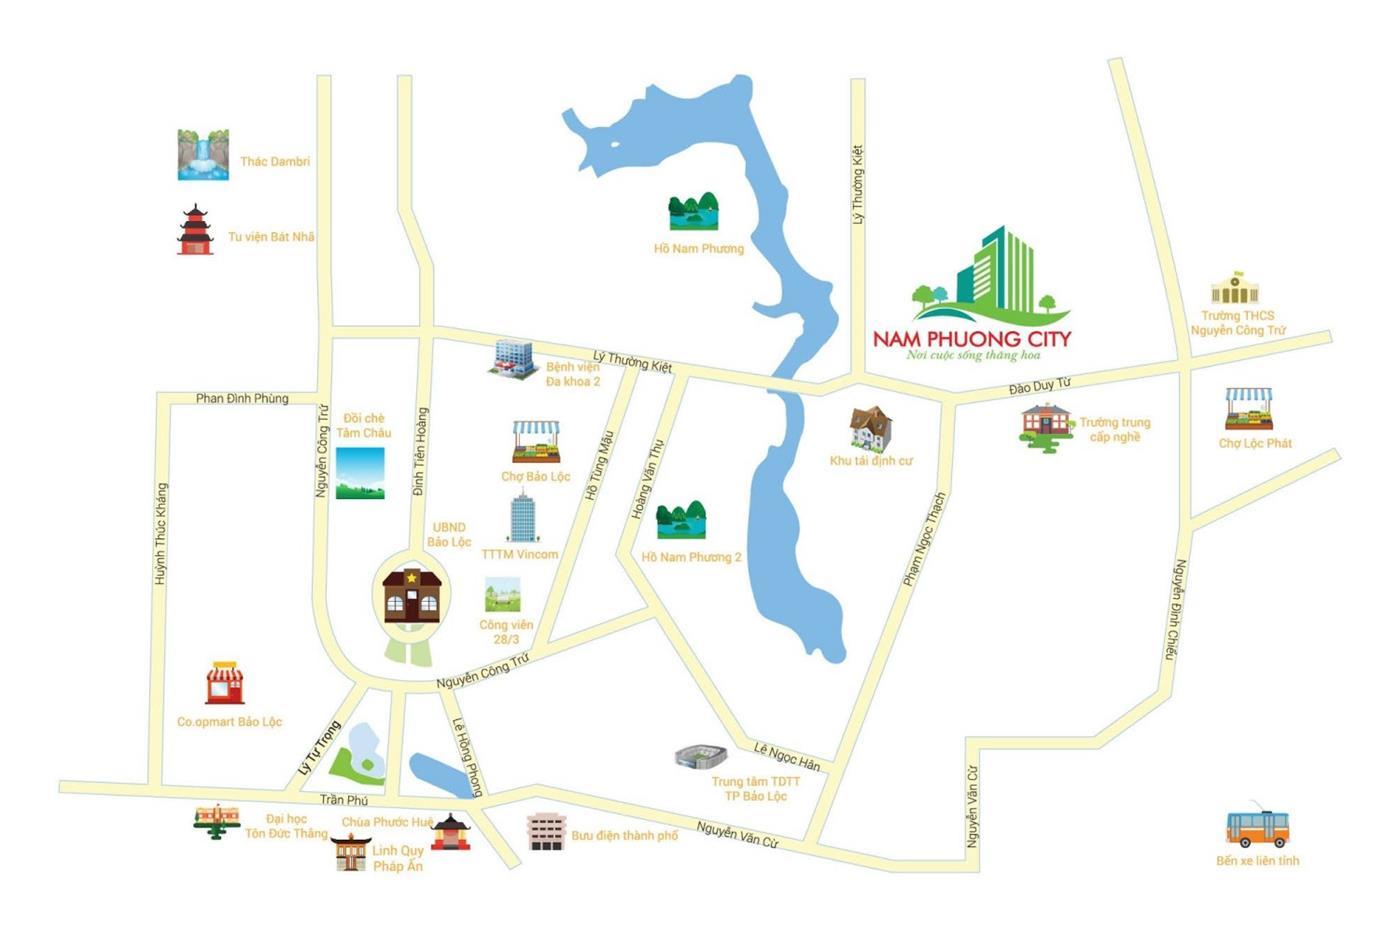 Vị trí của khu đô thị Nam Phương City Bảo Lộc